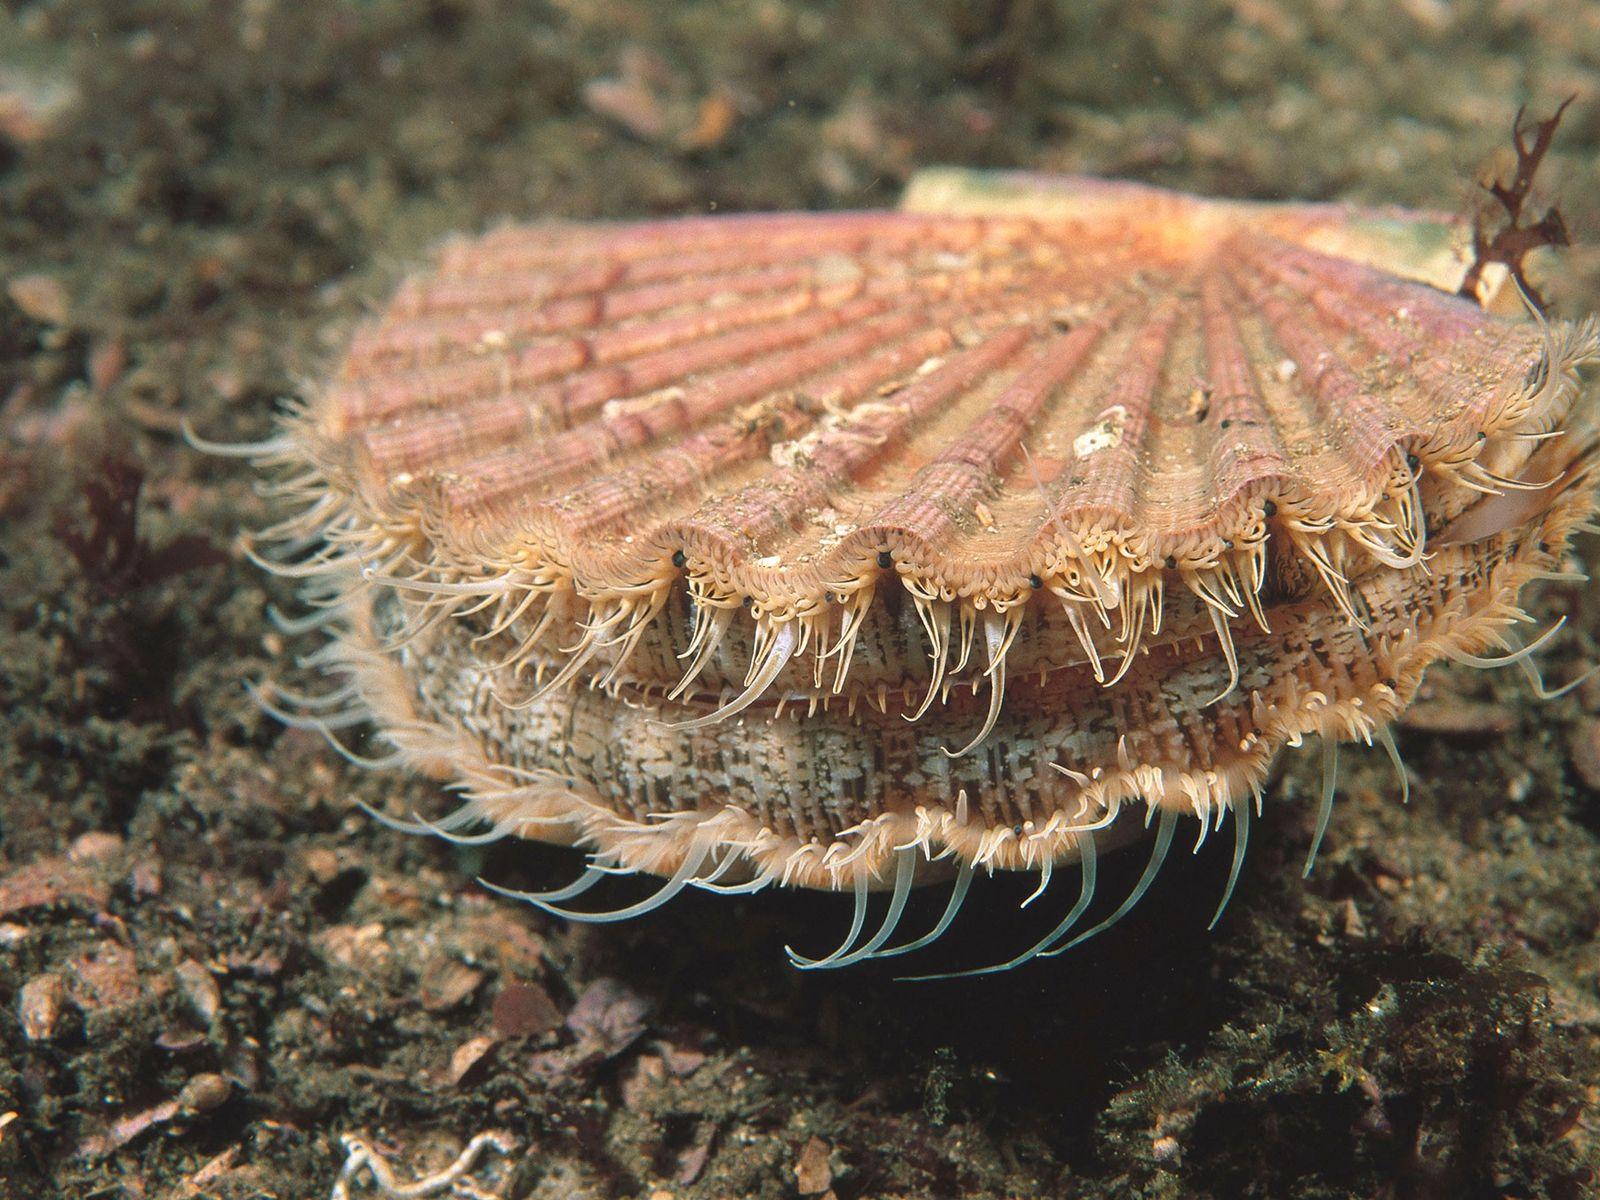 Die Große Pilgermuschel (Pecten maximus) ist eine beliebte Speisemuschel und kann binnen Stunden Milliarden von Plastikpartikeln ...